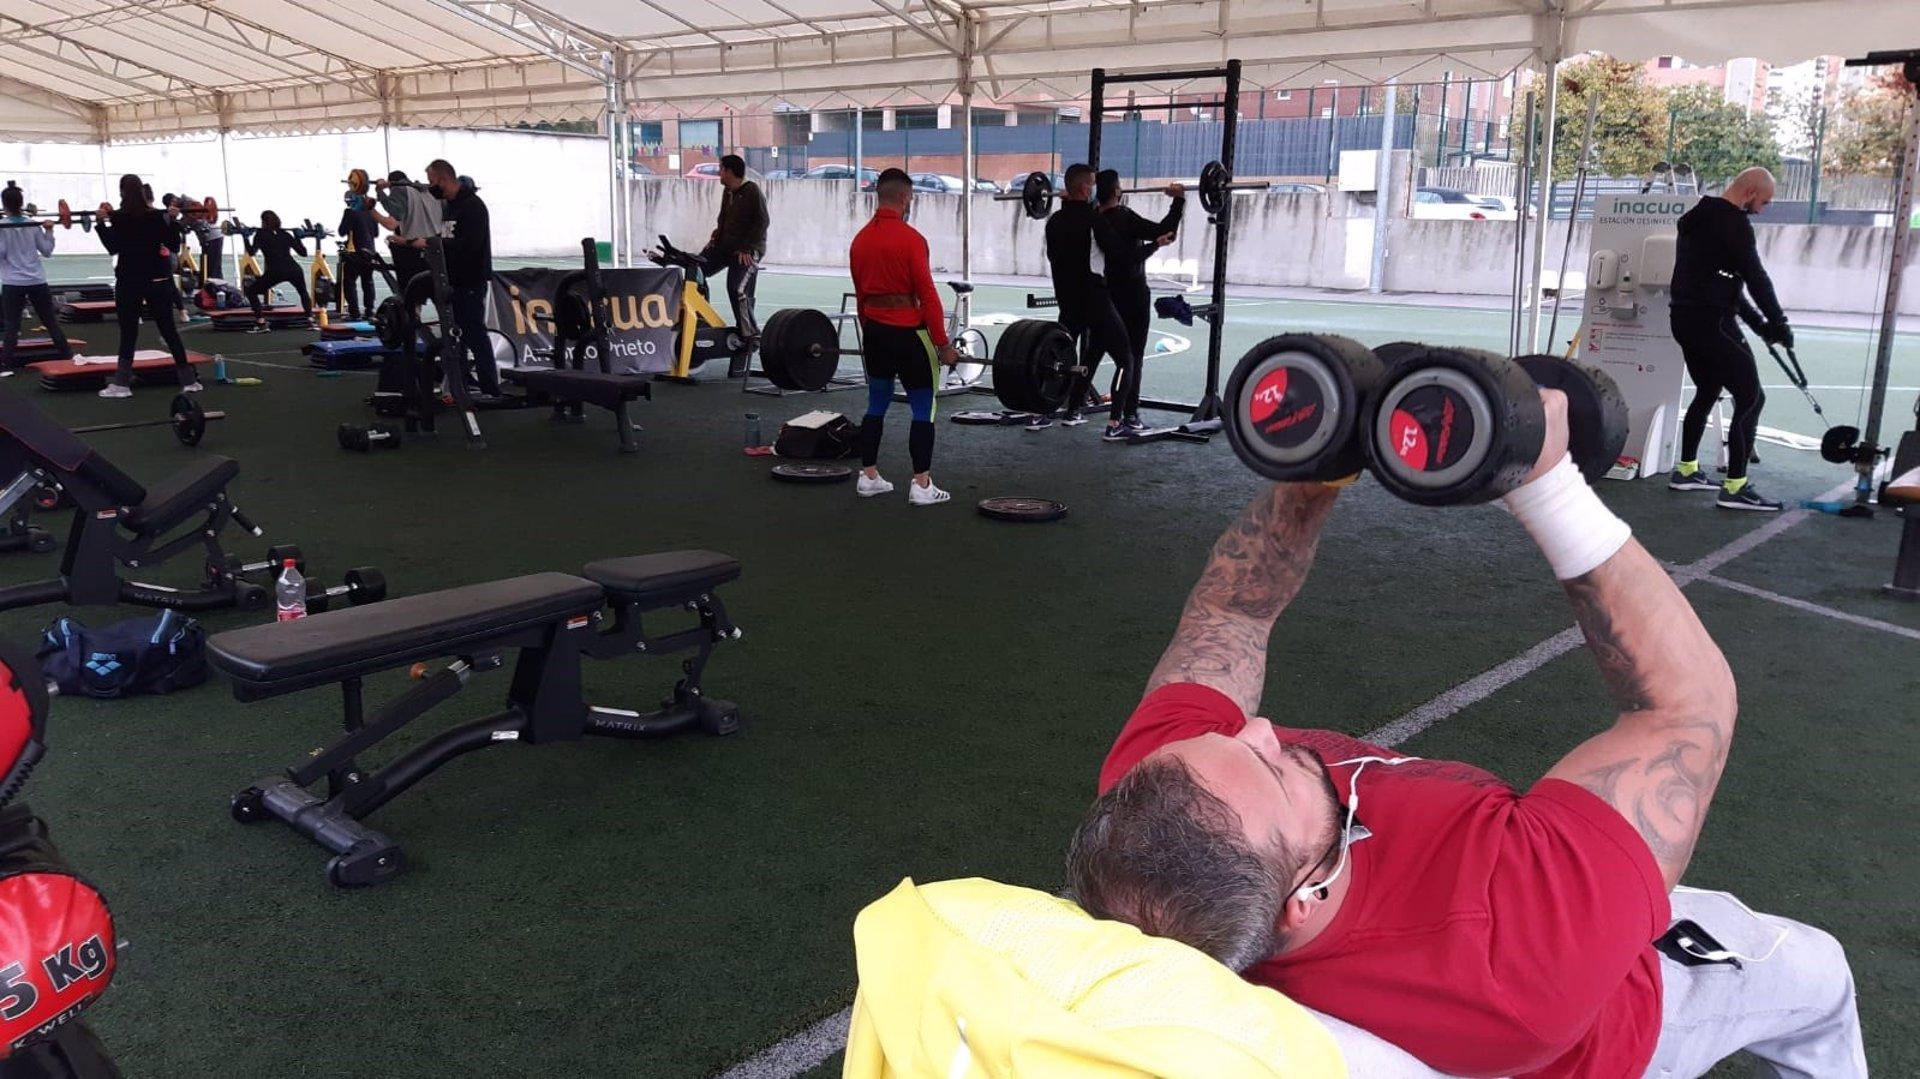 Los gimnasios con concesión pública, ofrecen actividades deportivas al aire libre